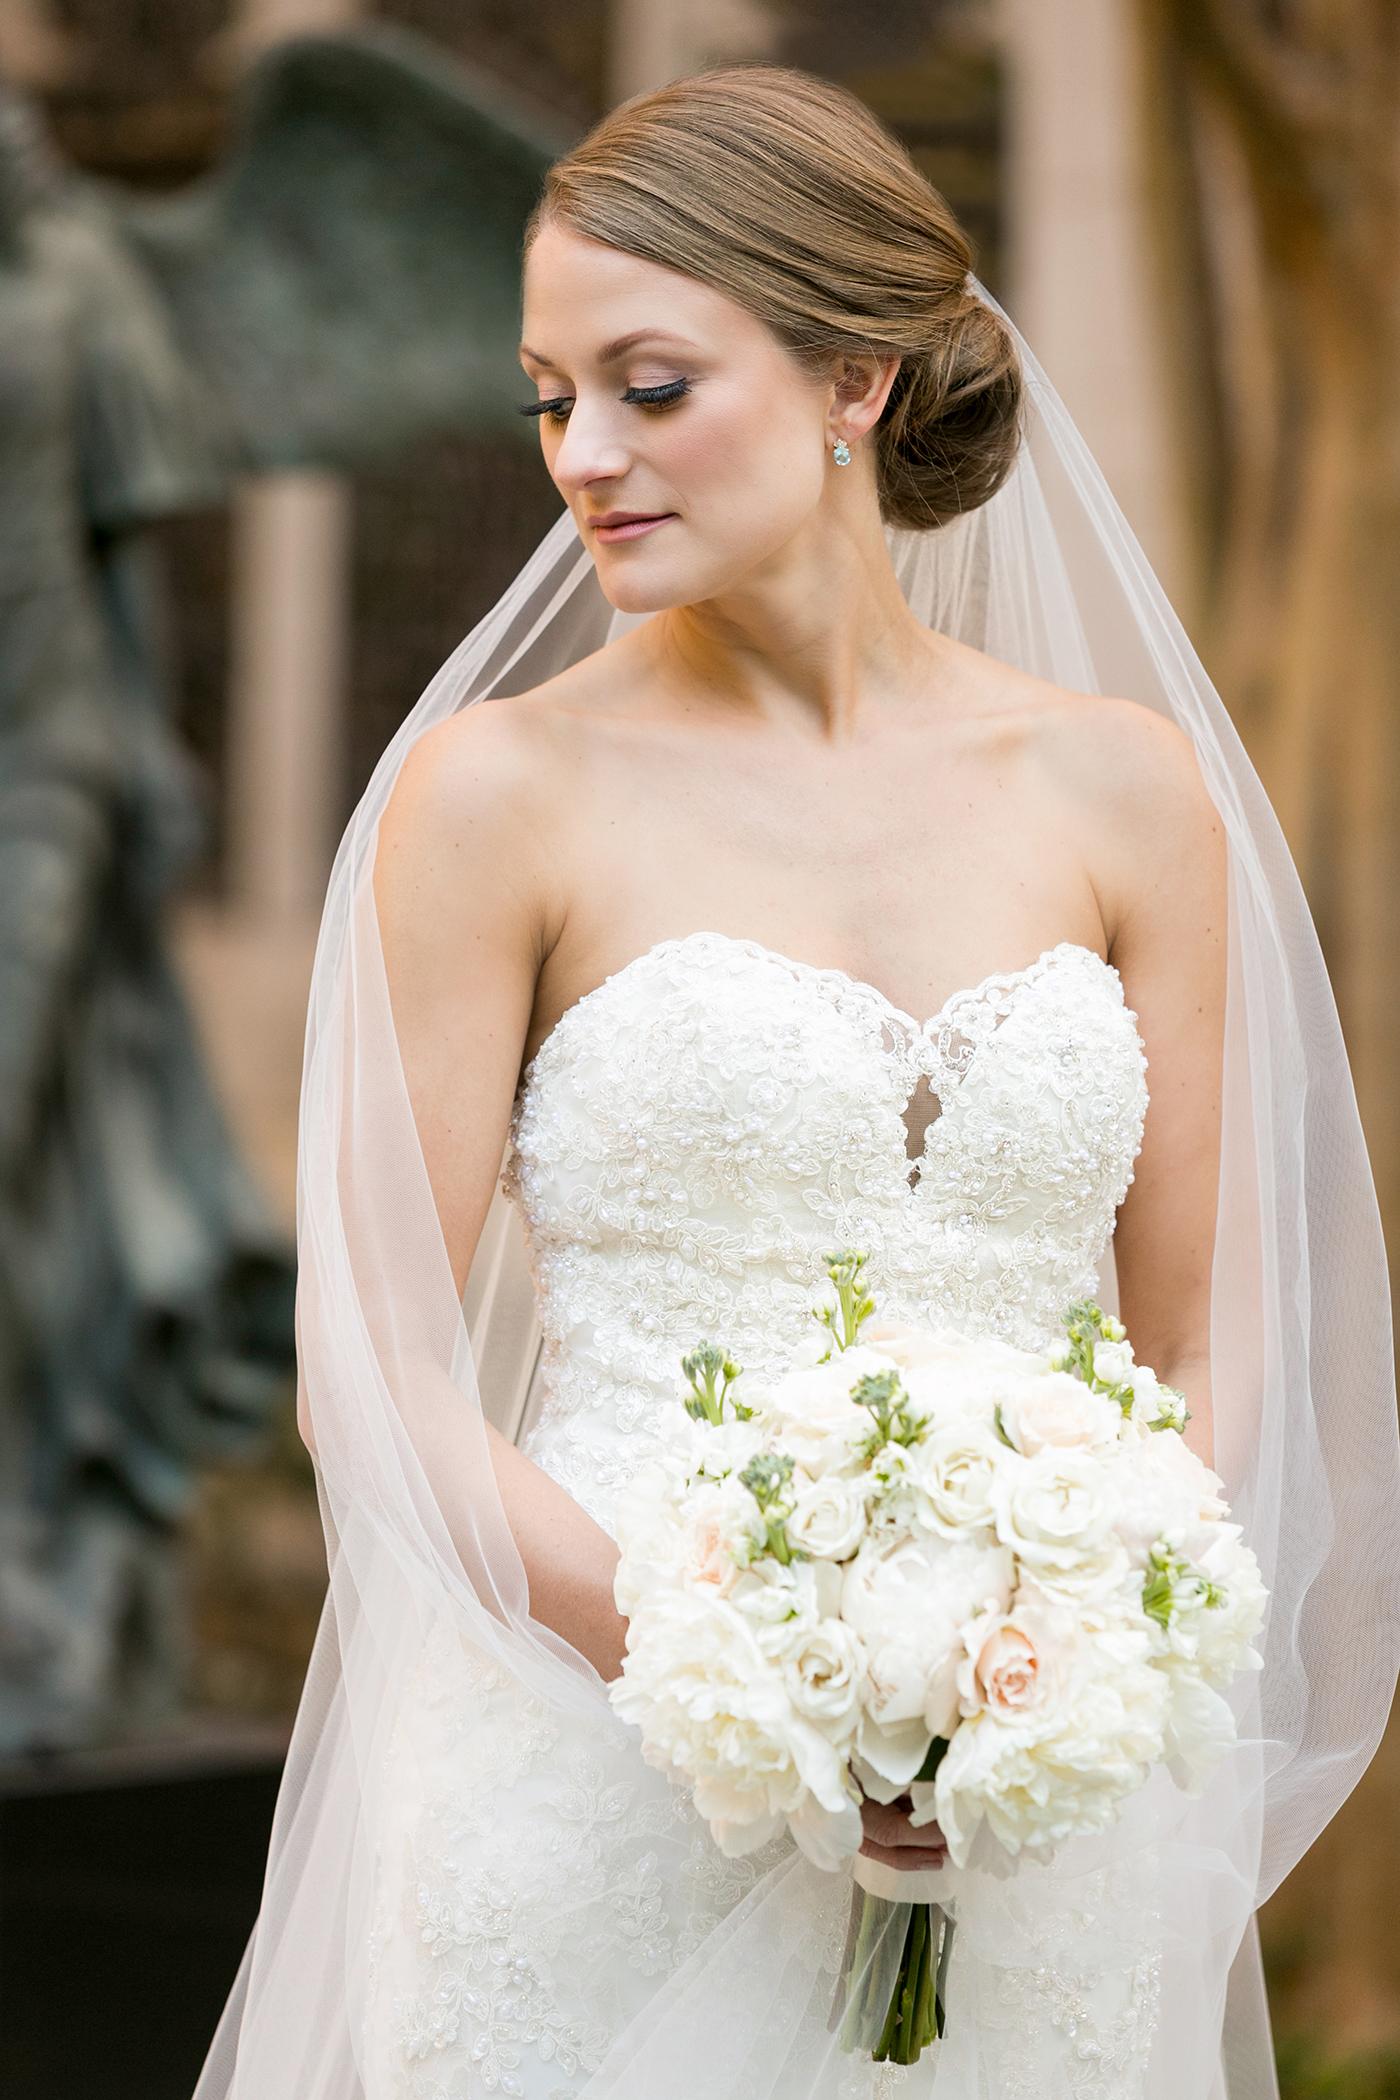 Dallas Wedding Planner - Allday Events - Classic Wedding at Dallas Scottish Rite - 233.jpg